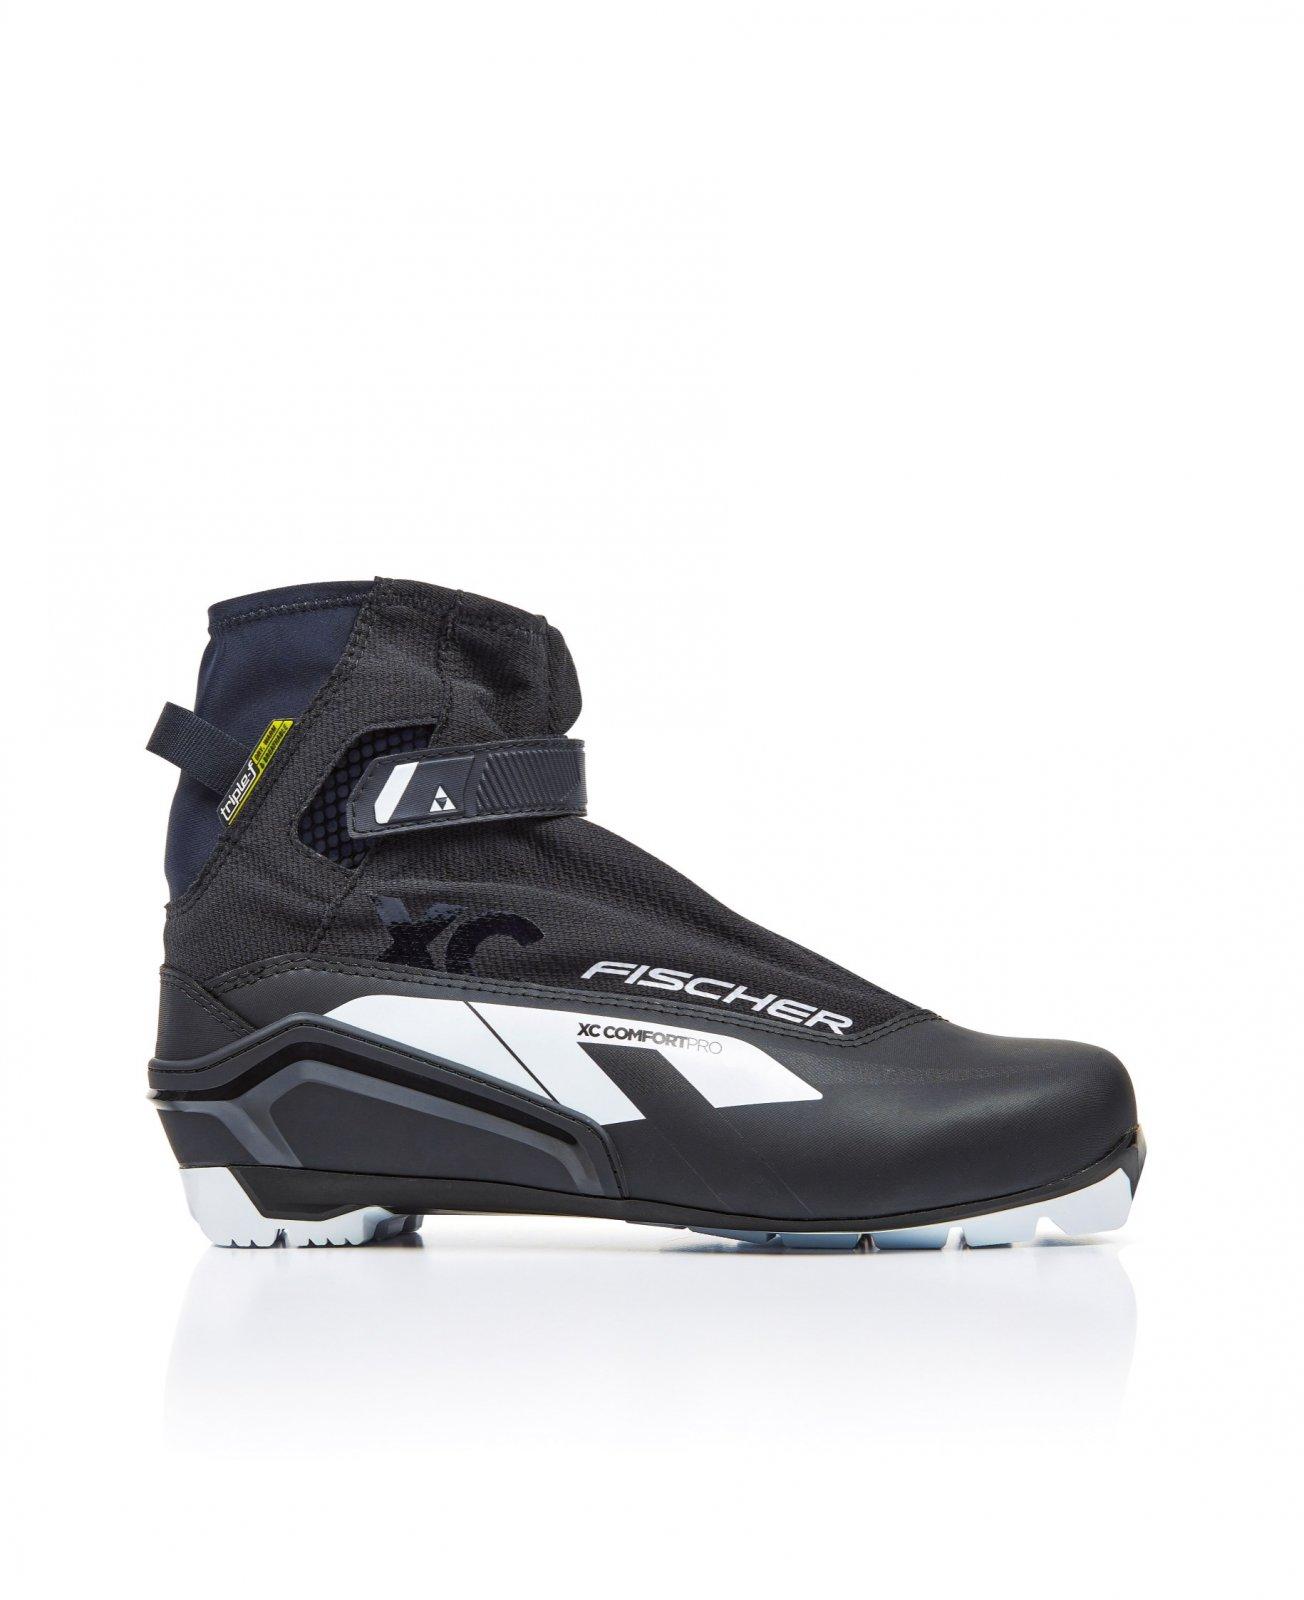 2021 Fischer XC Comfort Pro